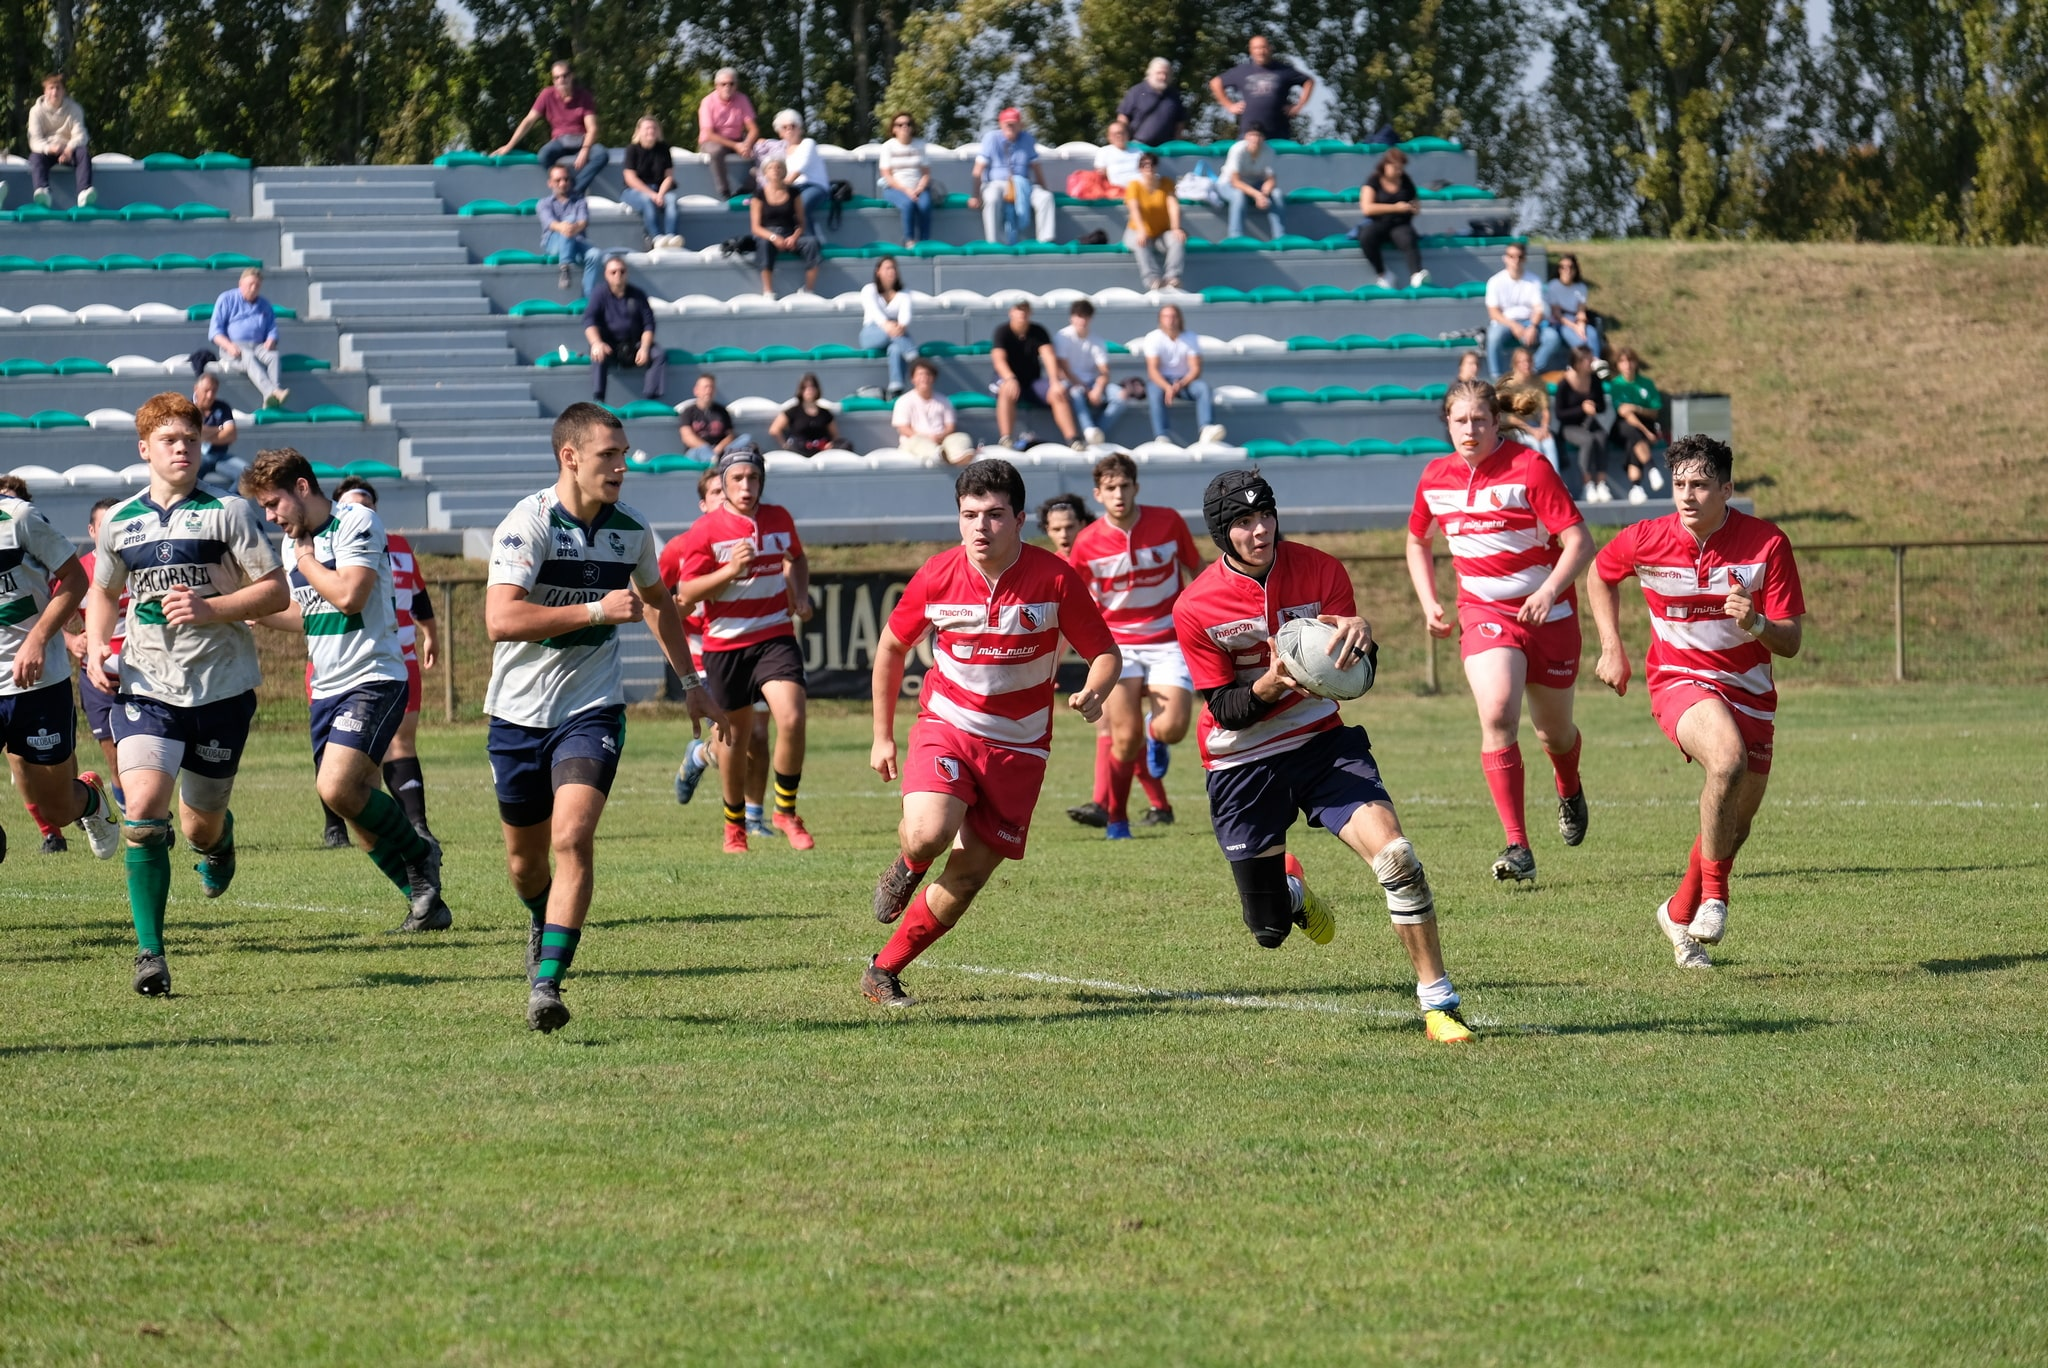 Rugby Carpi al via il 17 ottobre, giovanili sconfitte all'esordio